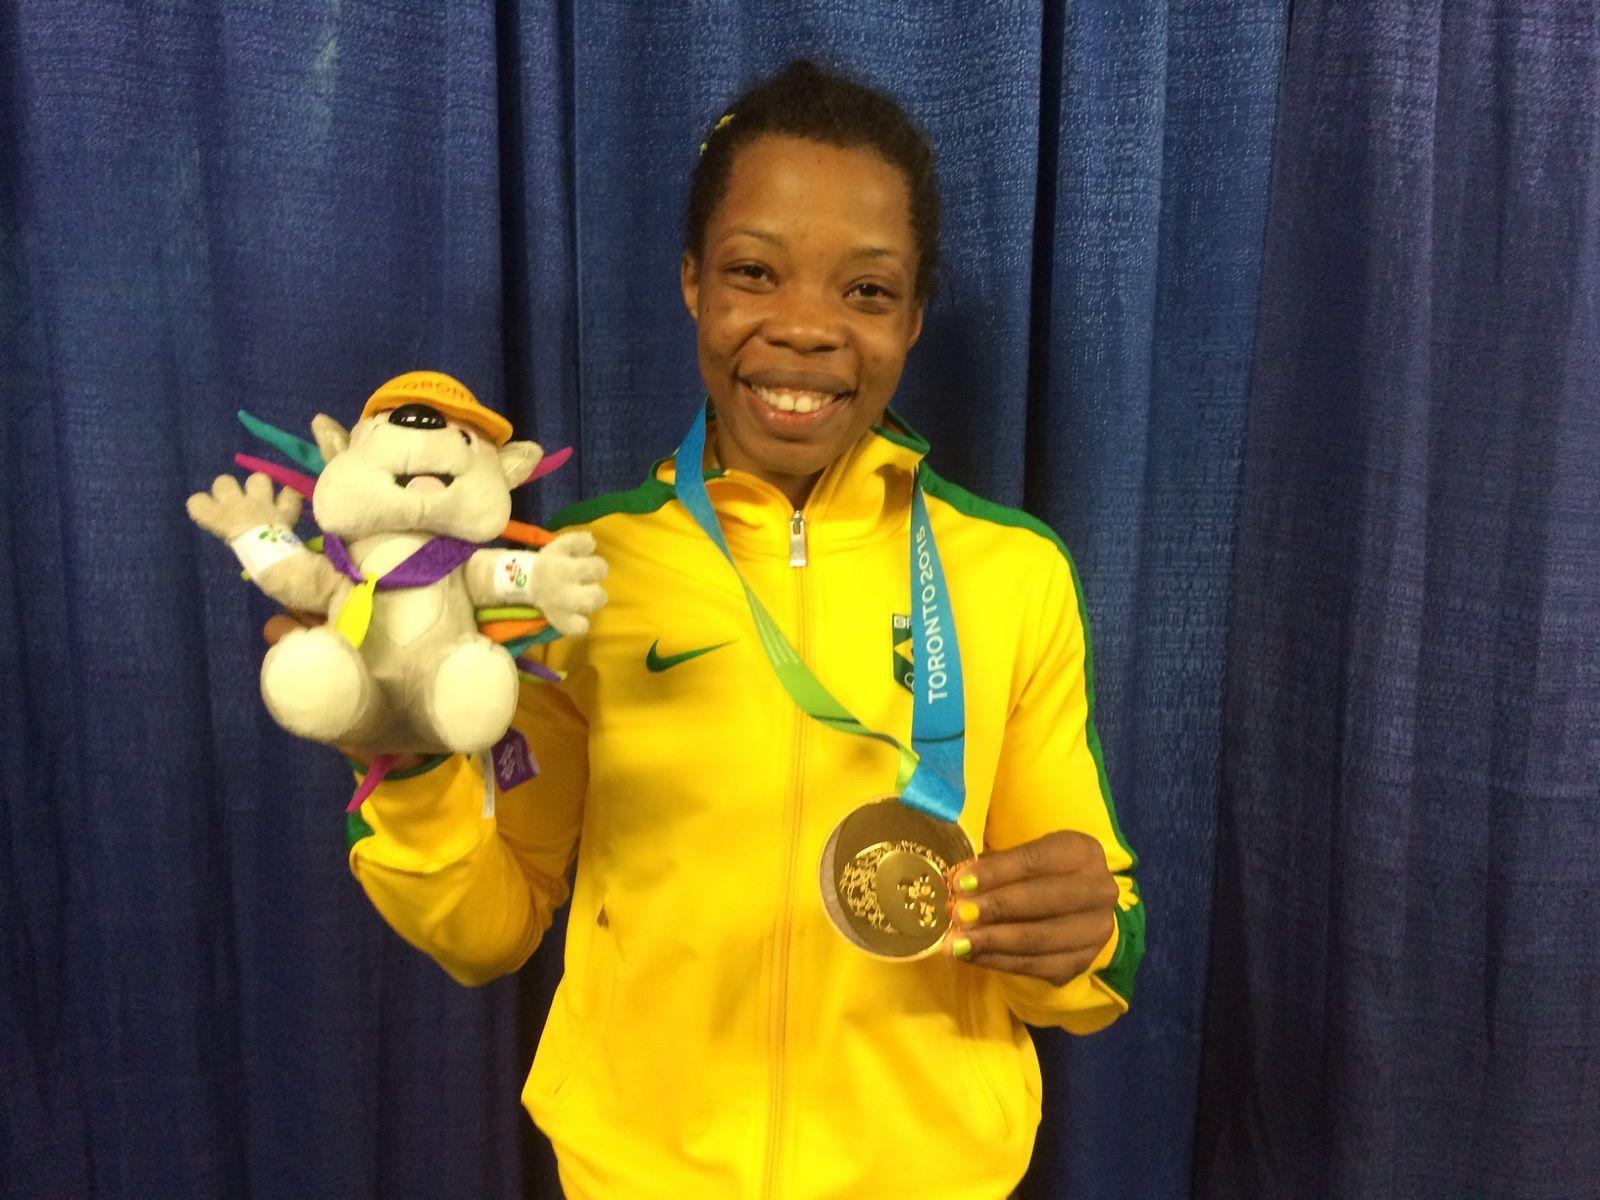 Joice Silva, medalha de ouro no wrestling (categoria 58kg) nos Jogos Pan-Americanos Toronto 2015